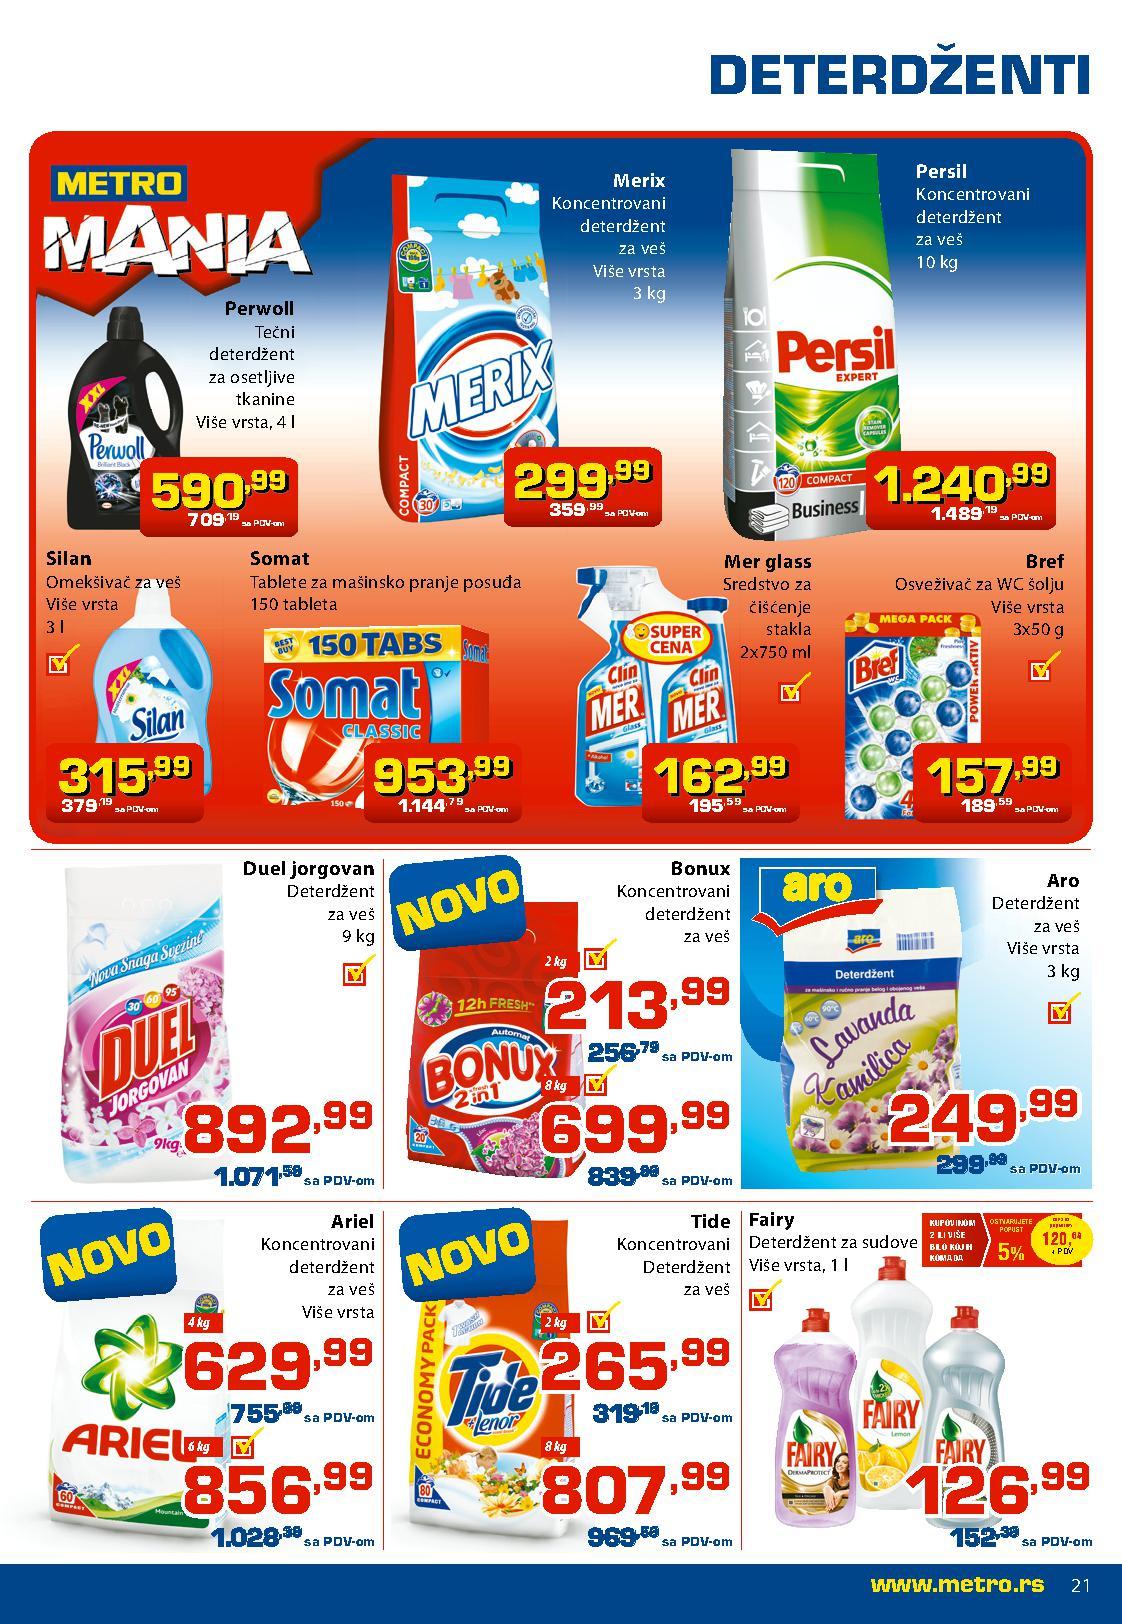 Metro katalog prehrana za vas po super ceni